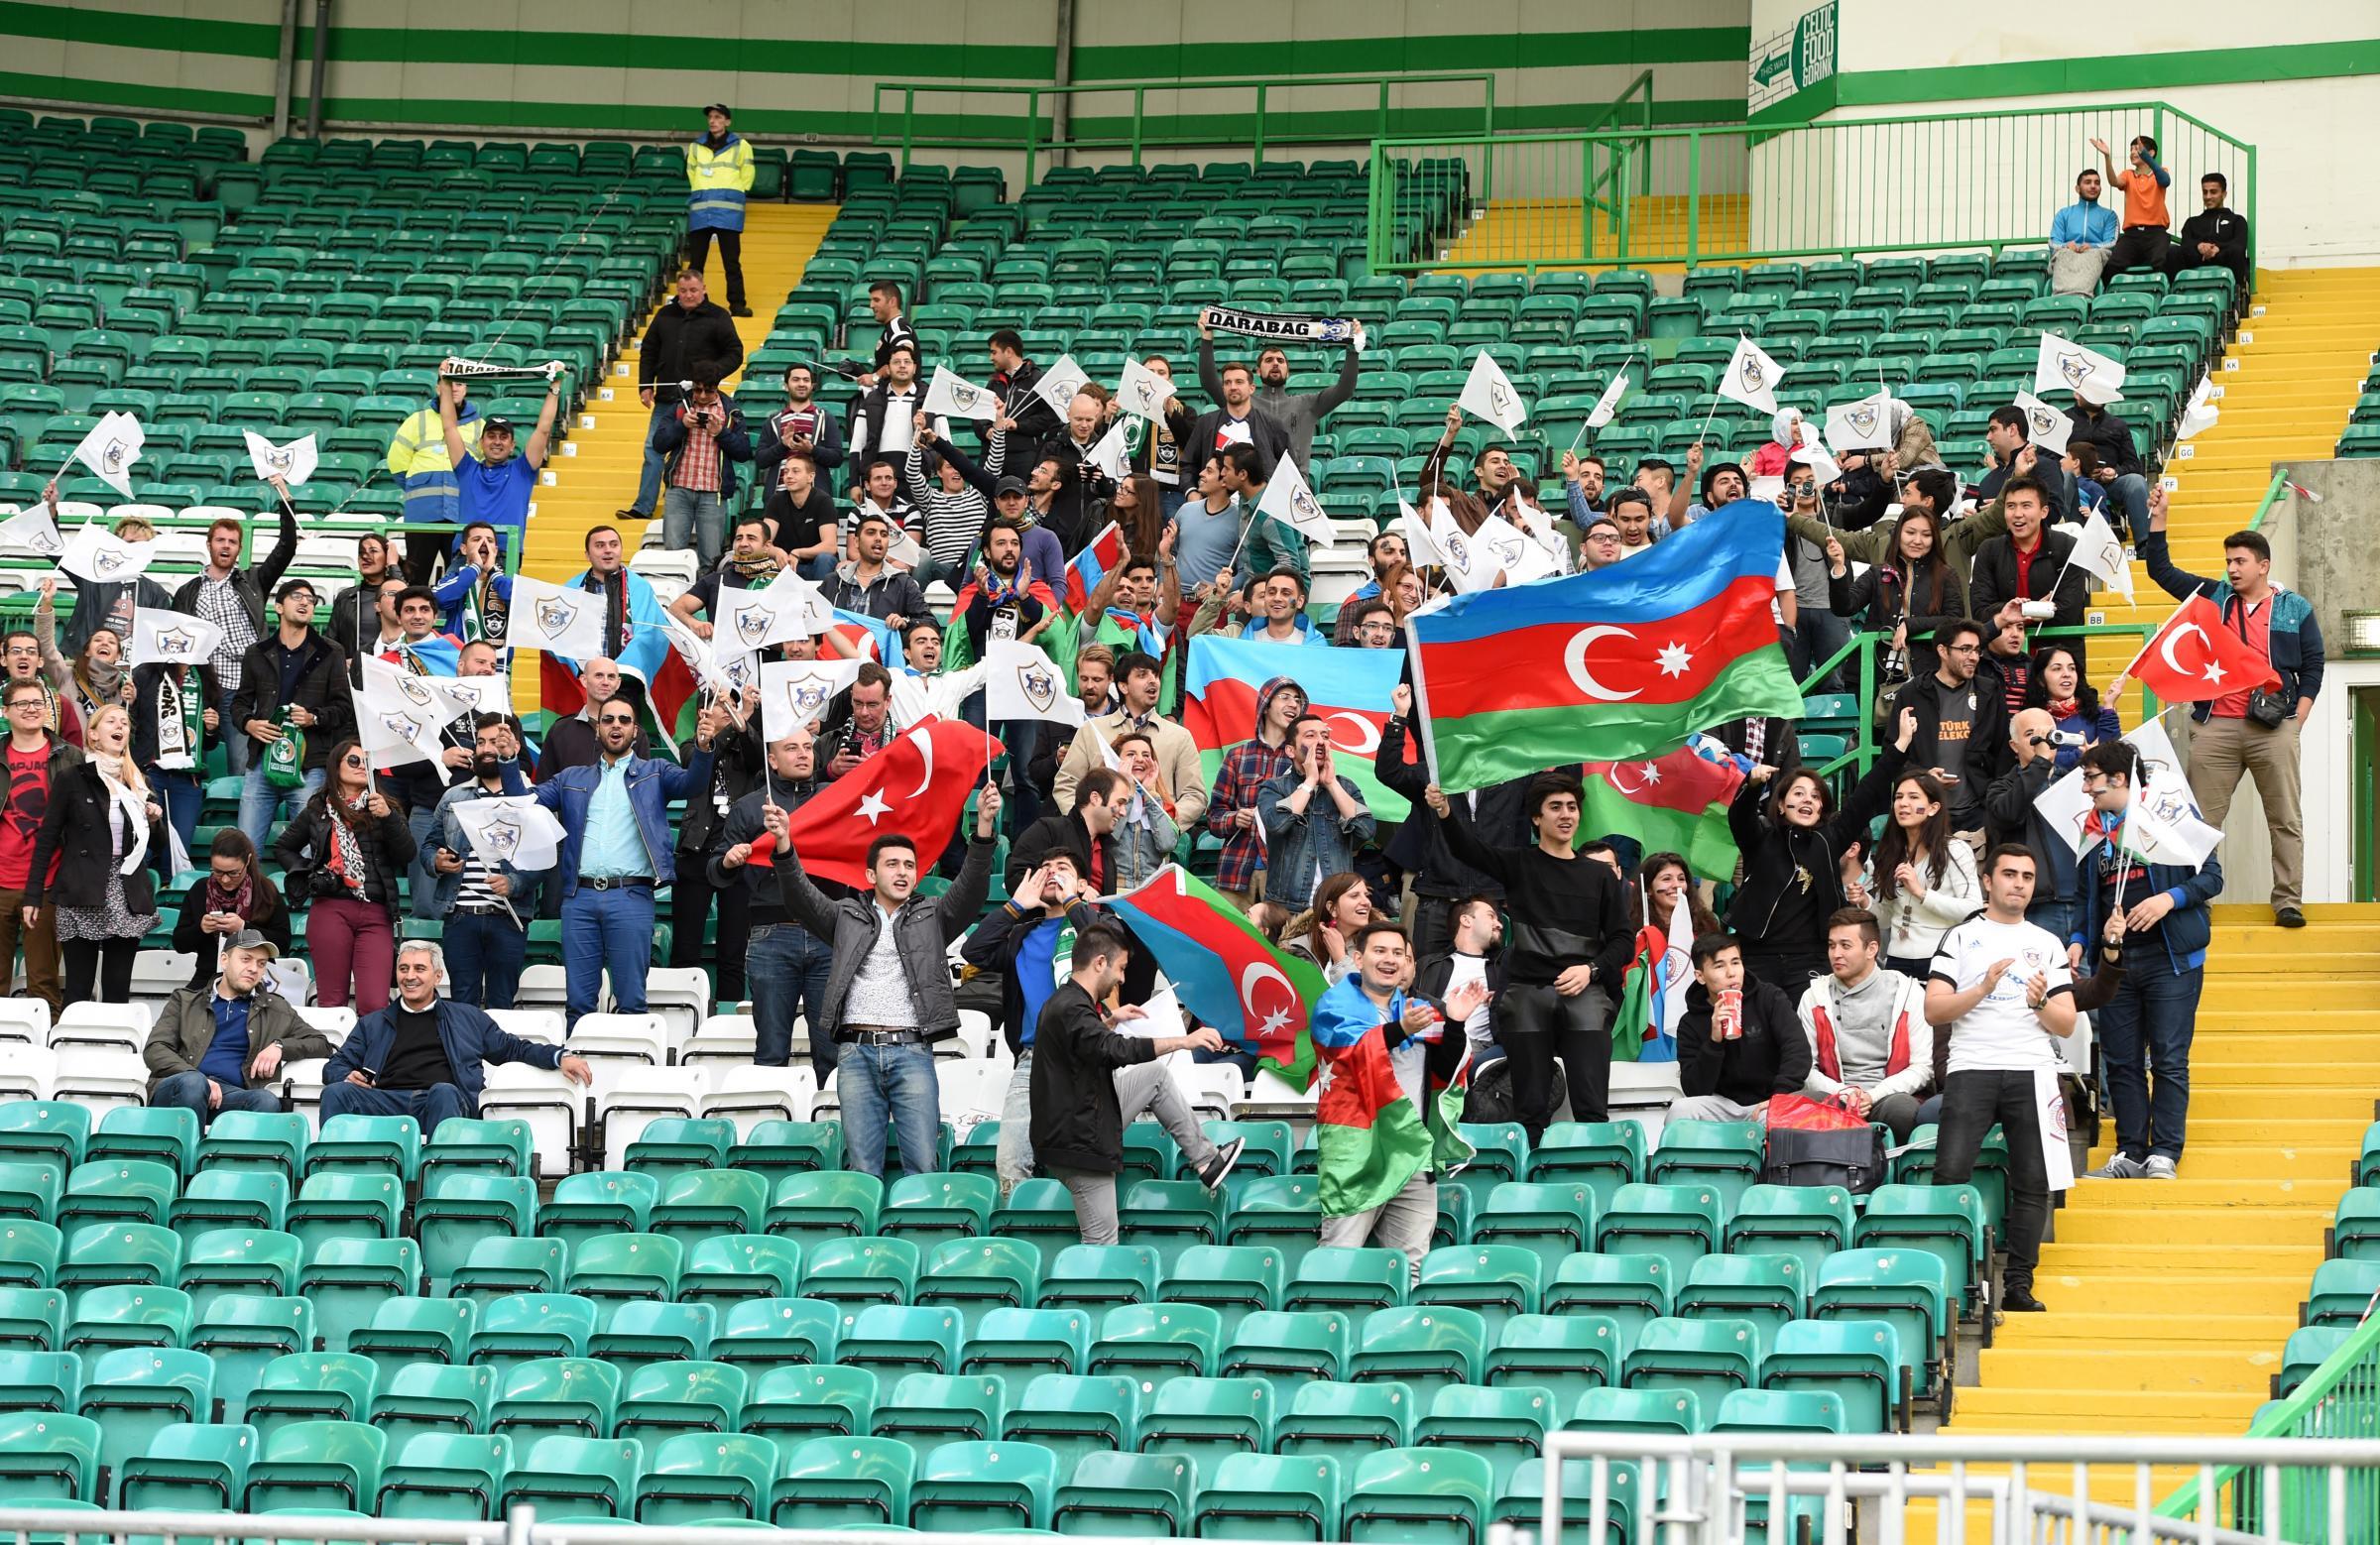 Αποτέλεσμα εικόνας για qarabag fans